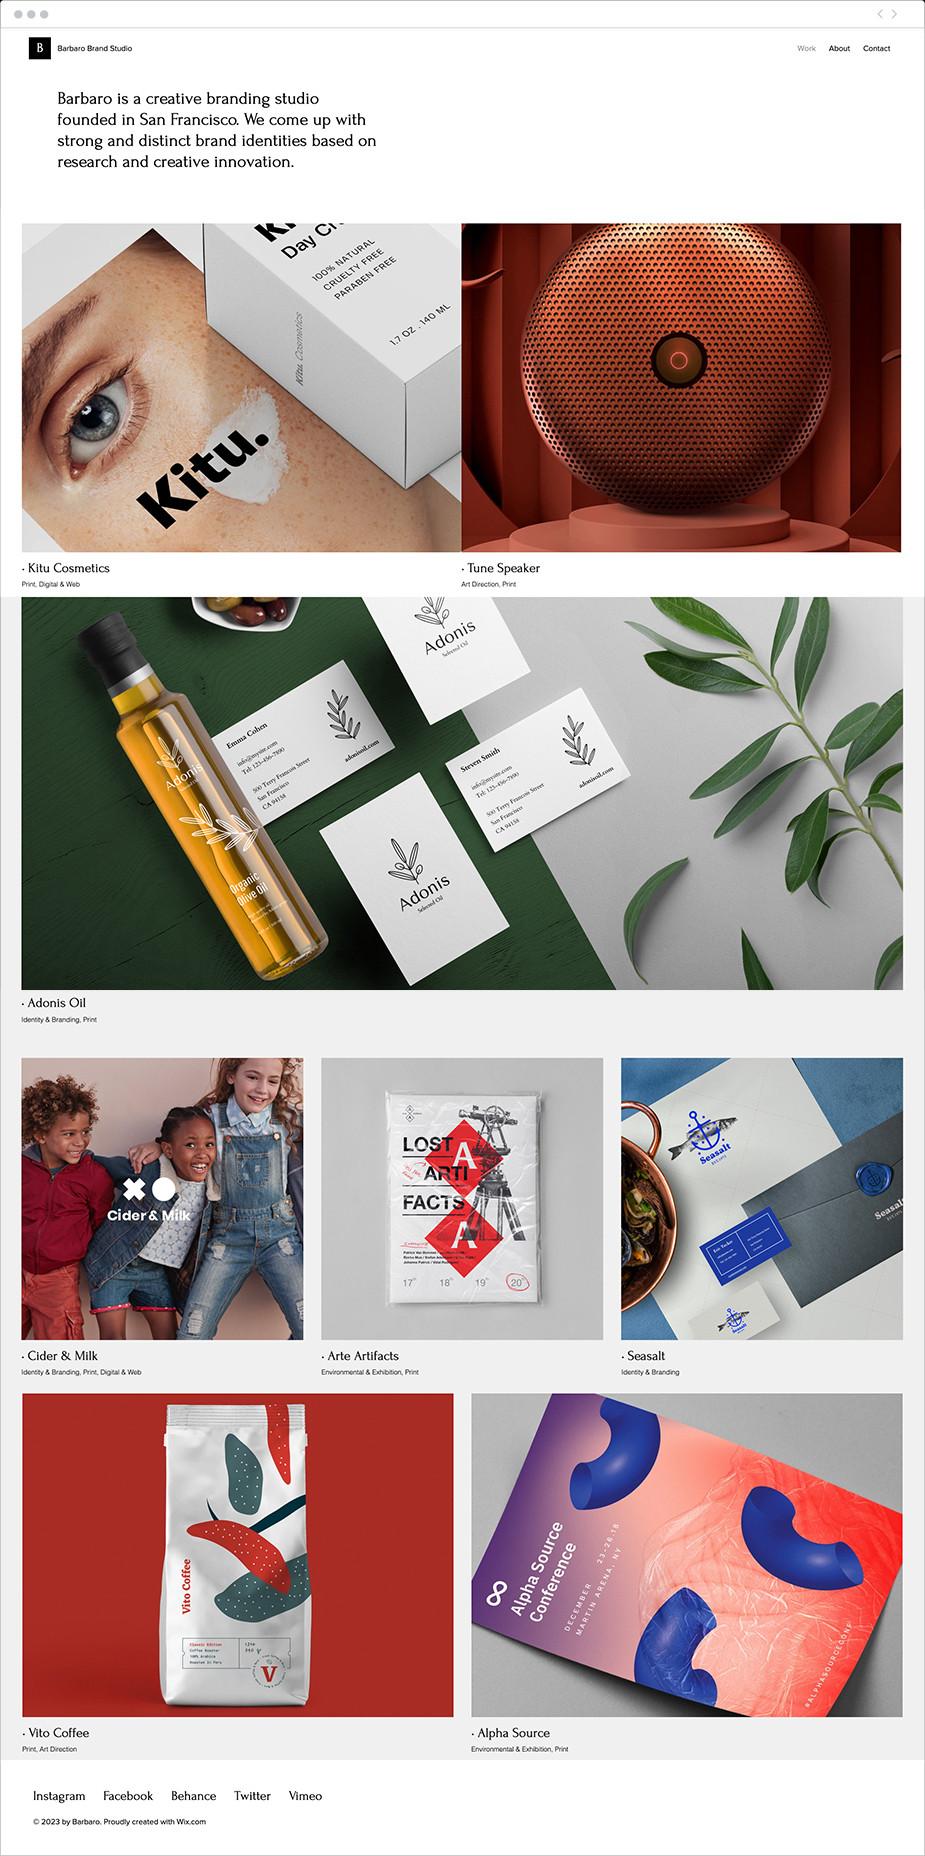 Szablon strony internetowej studia brandingu